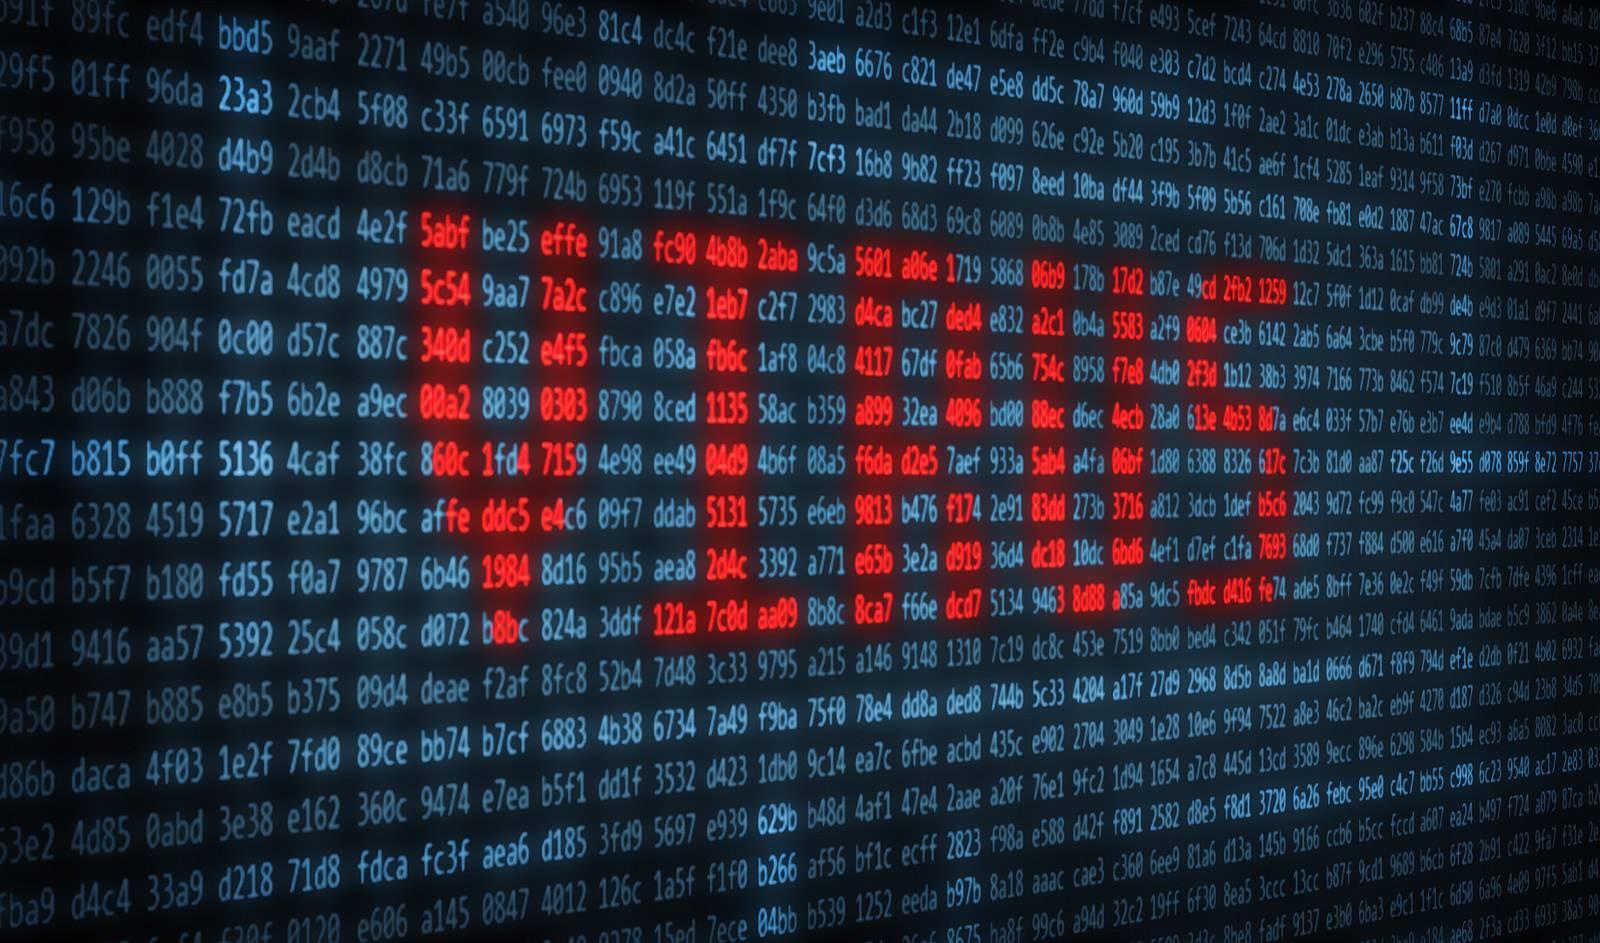 La plateforme d'assistance pour les PME victimes de cyberattaques est lancée